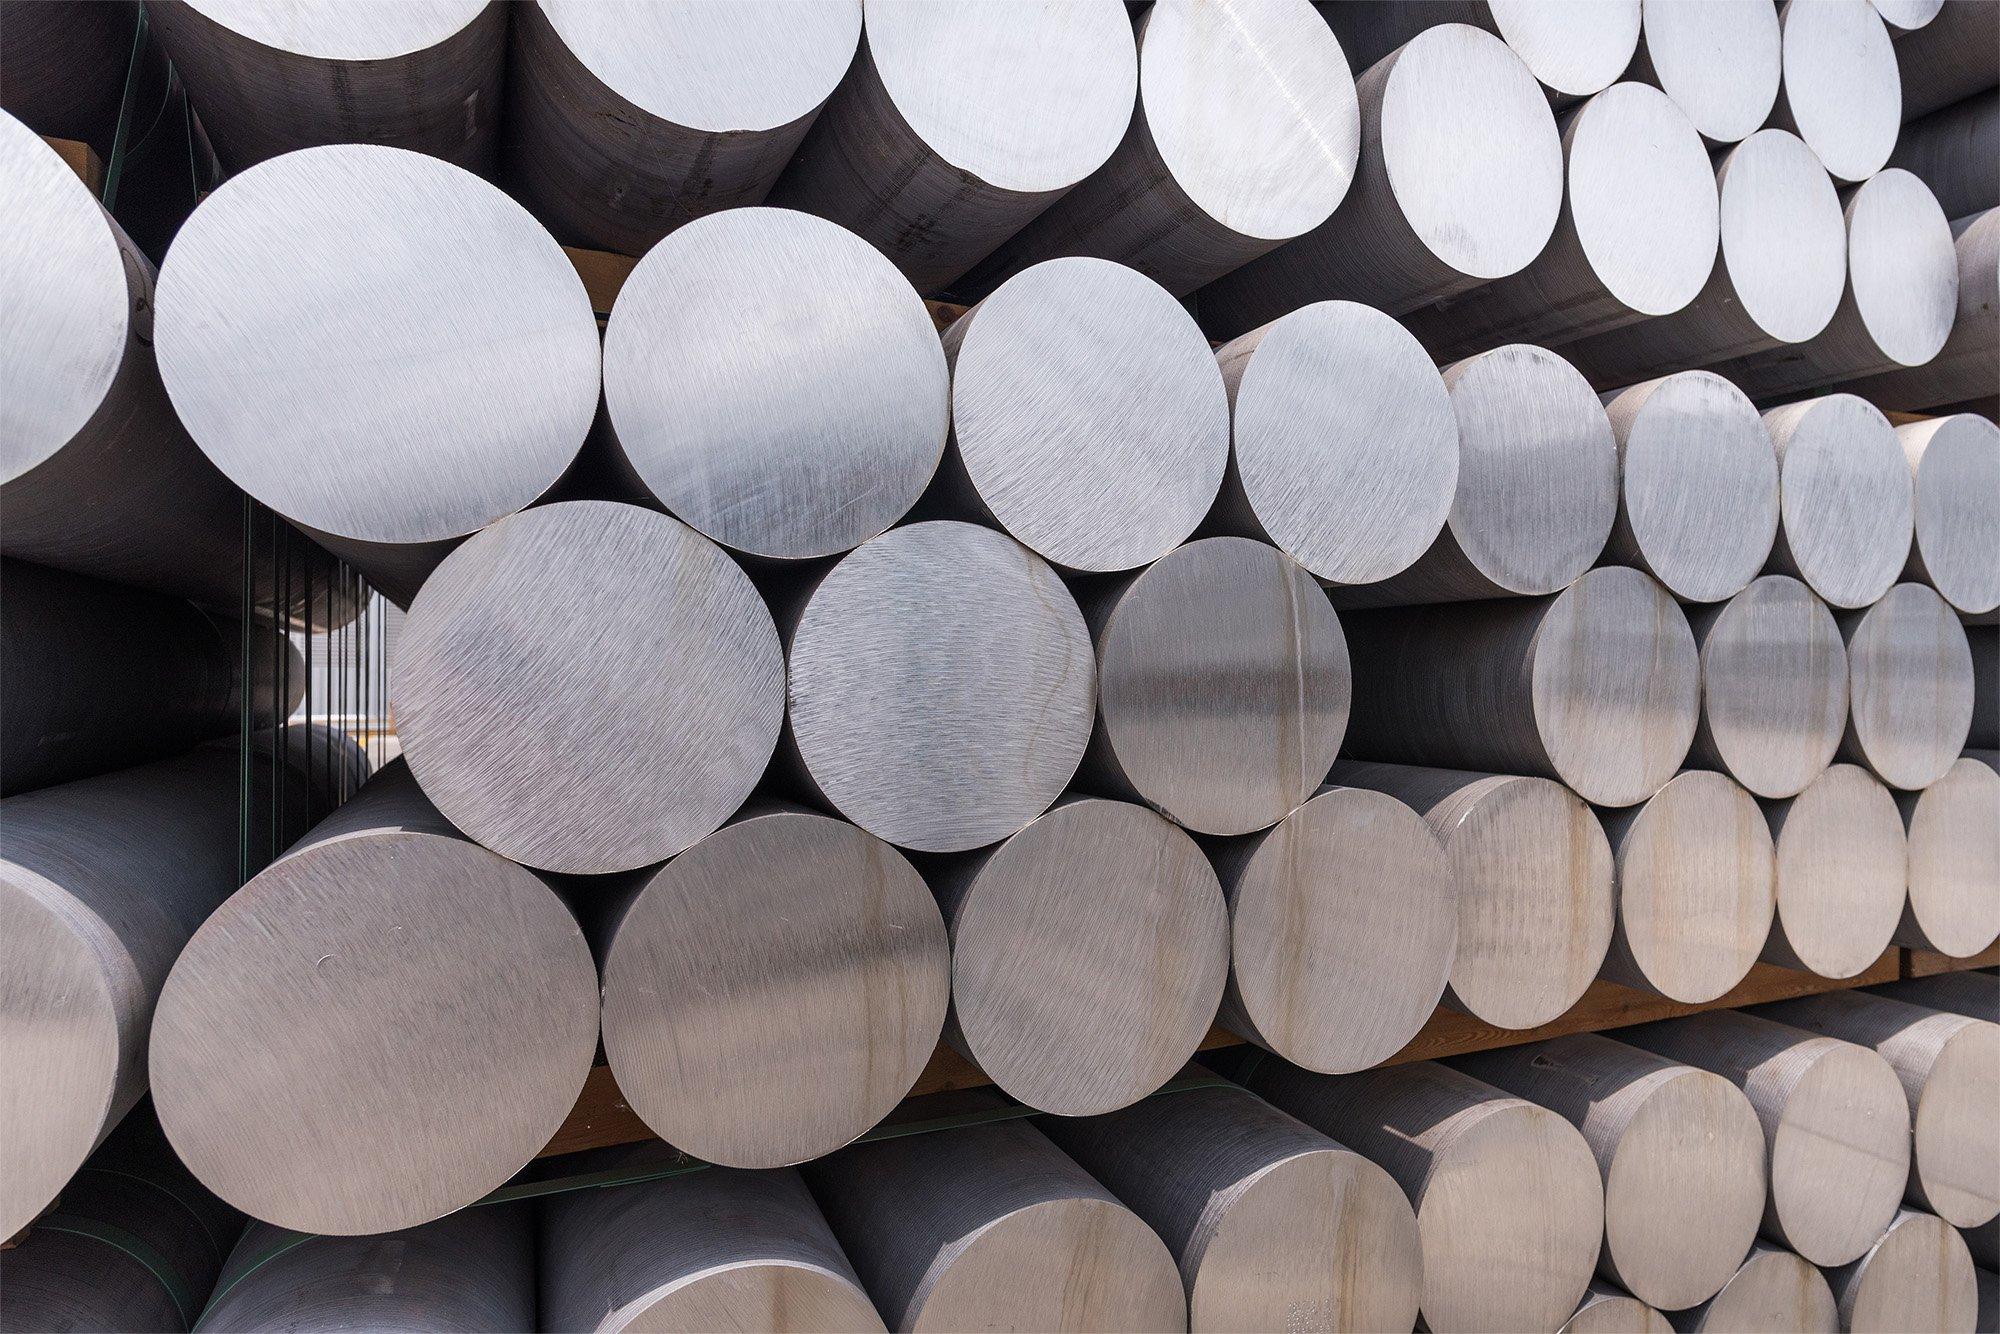 Aluminium Round Bar Buy Aluminium Online